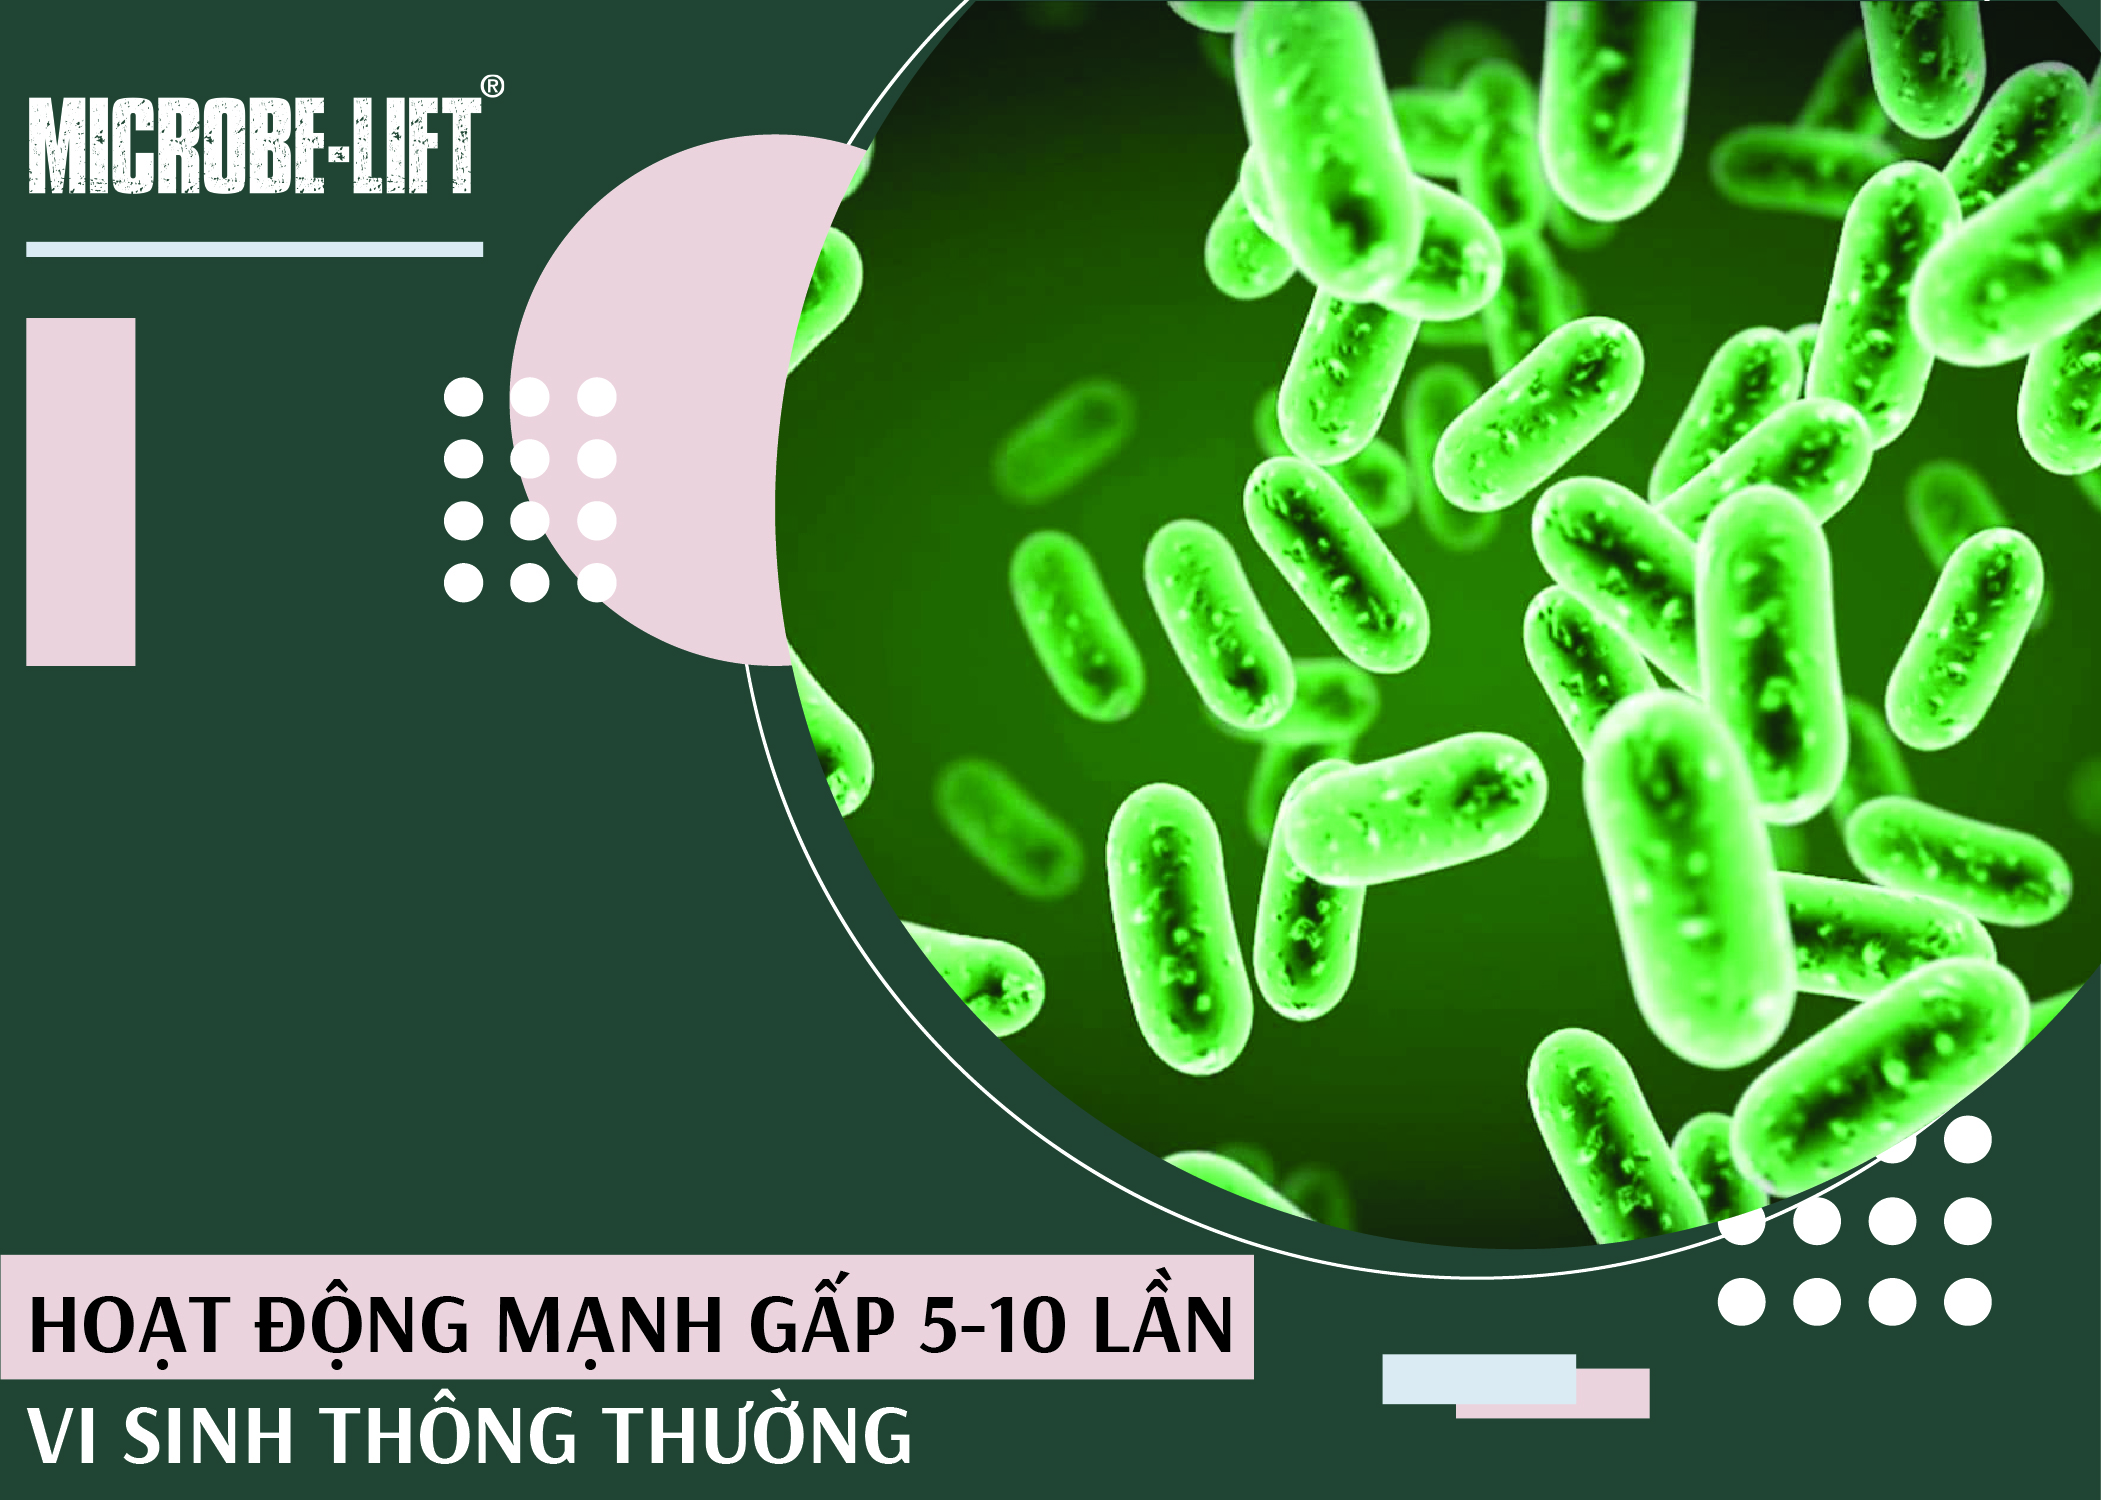 Vi sinh vật trong IND hoạt động mạnh gấp 5-10 lần vi sinh thường